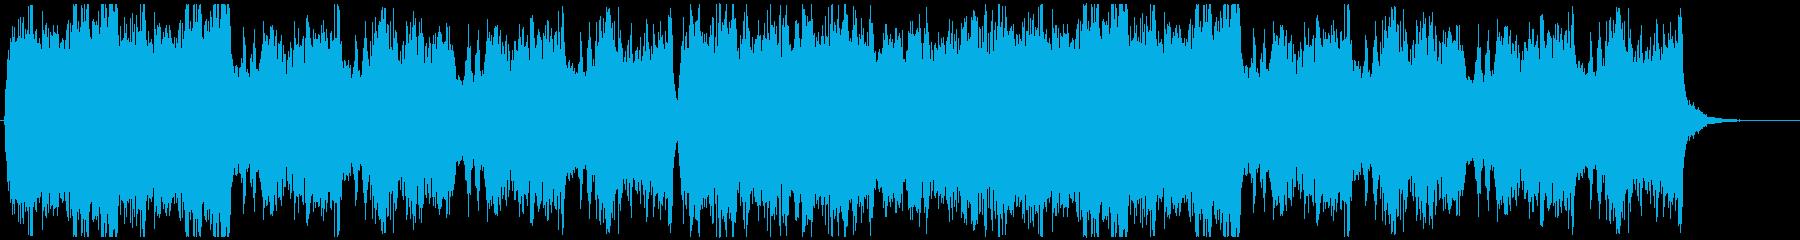 幻想的で神秘的な空間っぽいクワイア曲の再生済みの波形